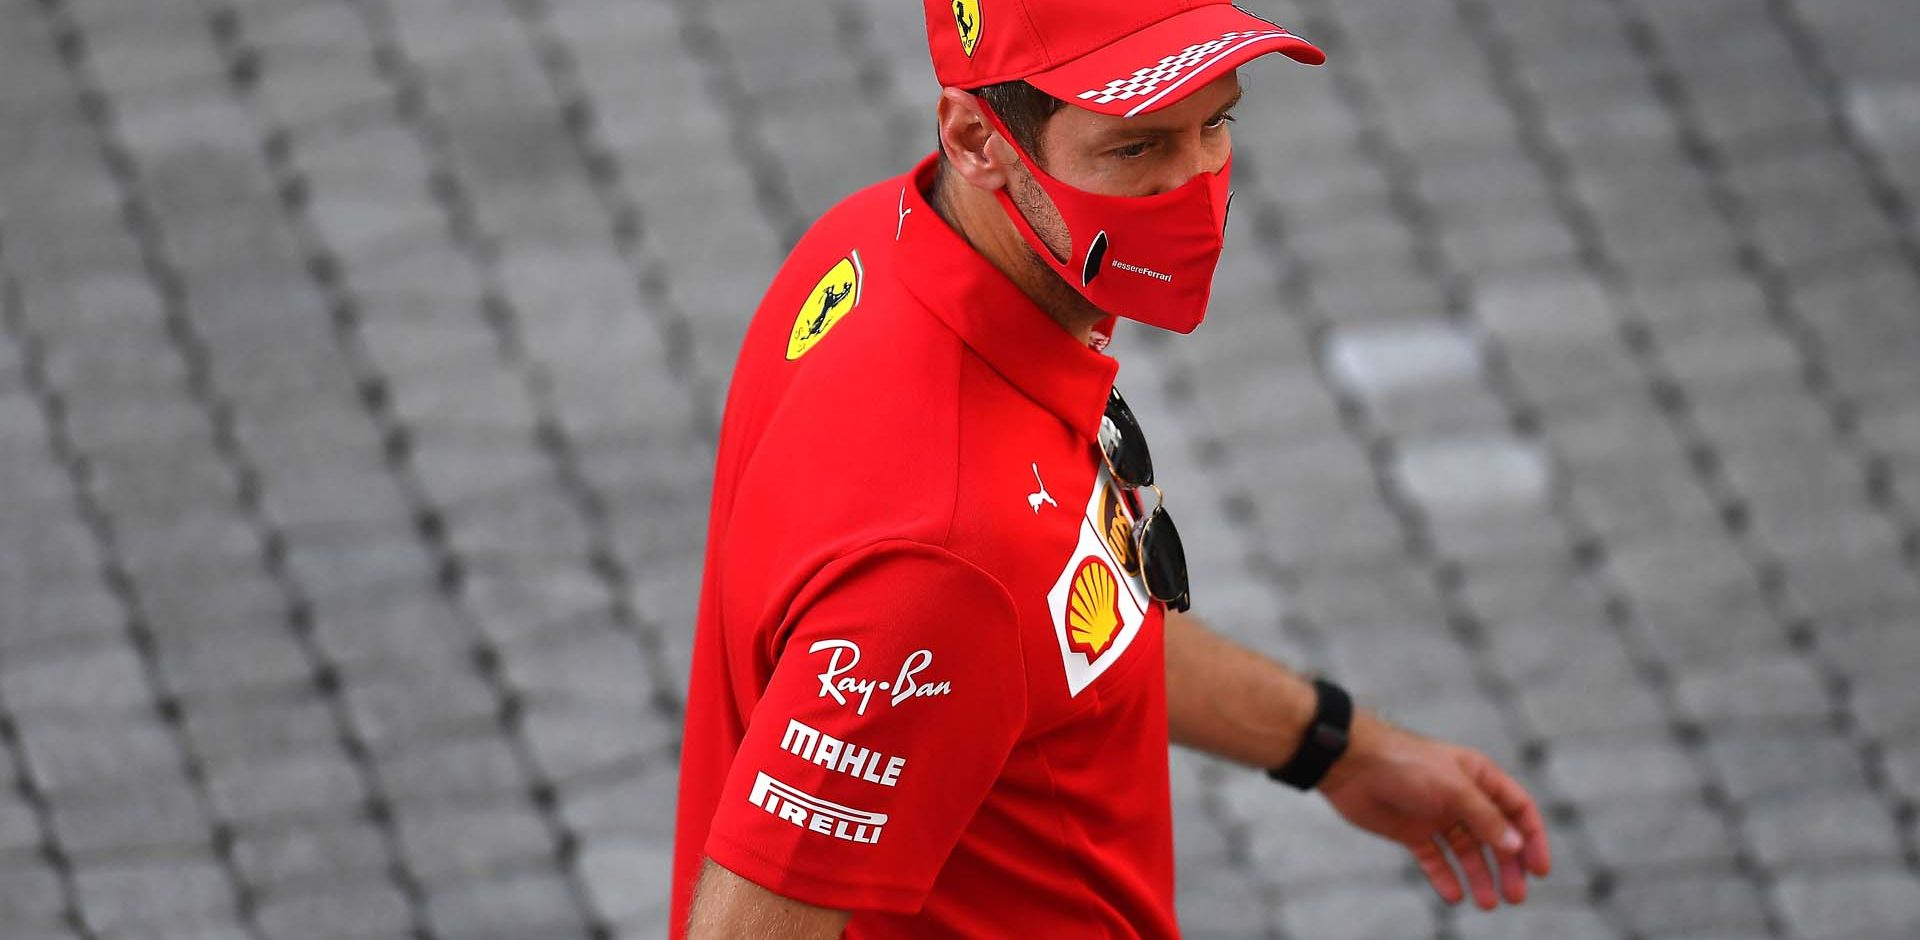 GP RUSSIA F1/2020 -  GIOVEDÌ 24/09/2020       credit: @Scuderia Ferrari Press Office Sebastian Vettel